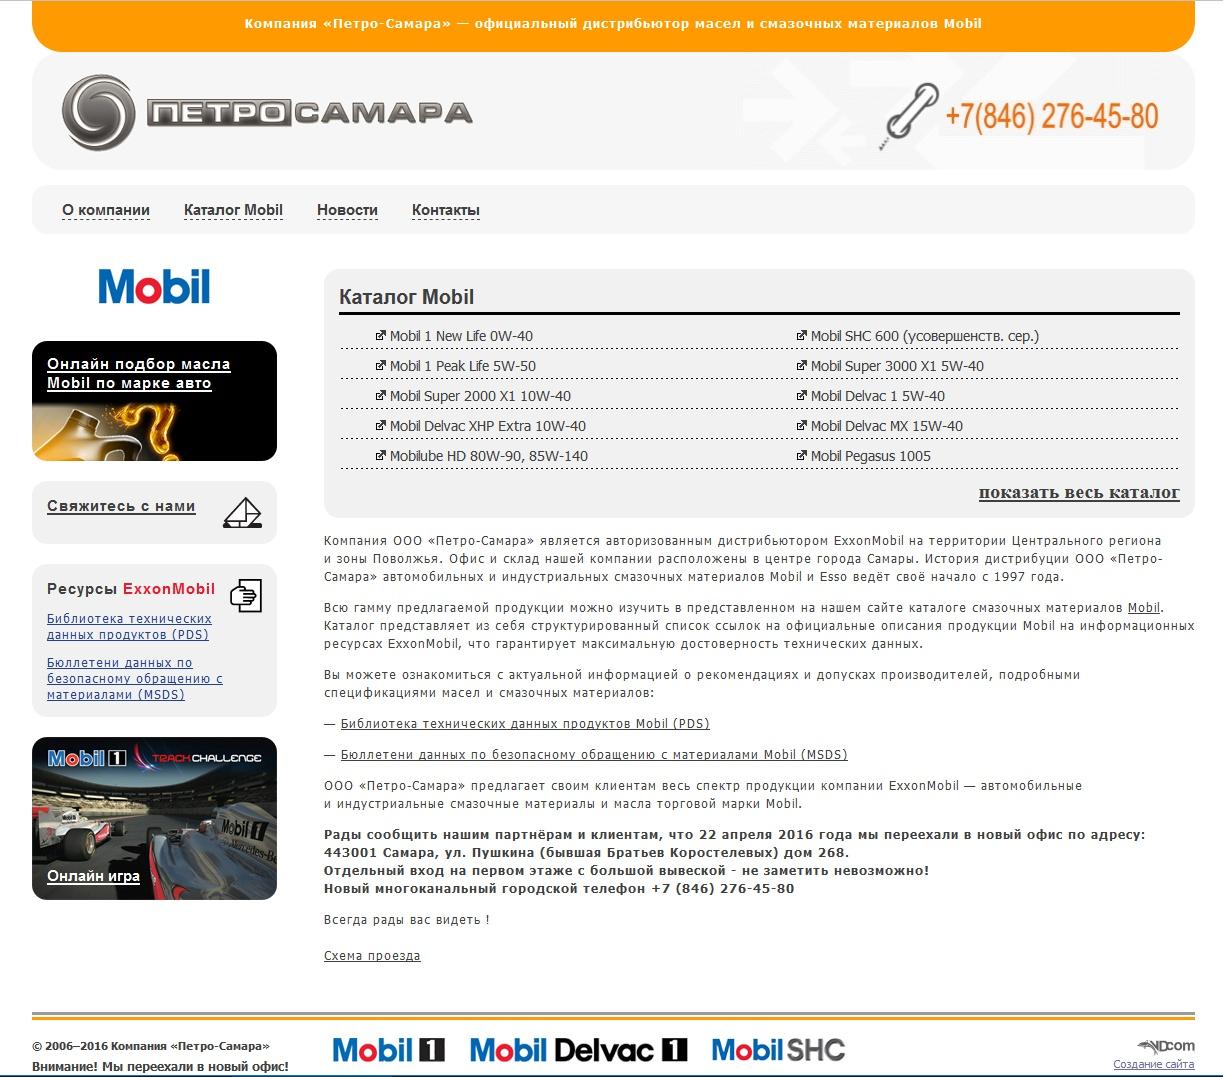 petro-samara.ru скриншот главной страницы